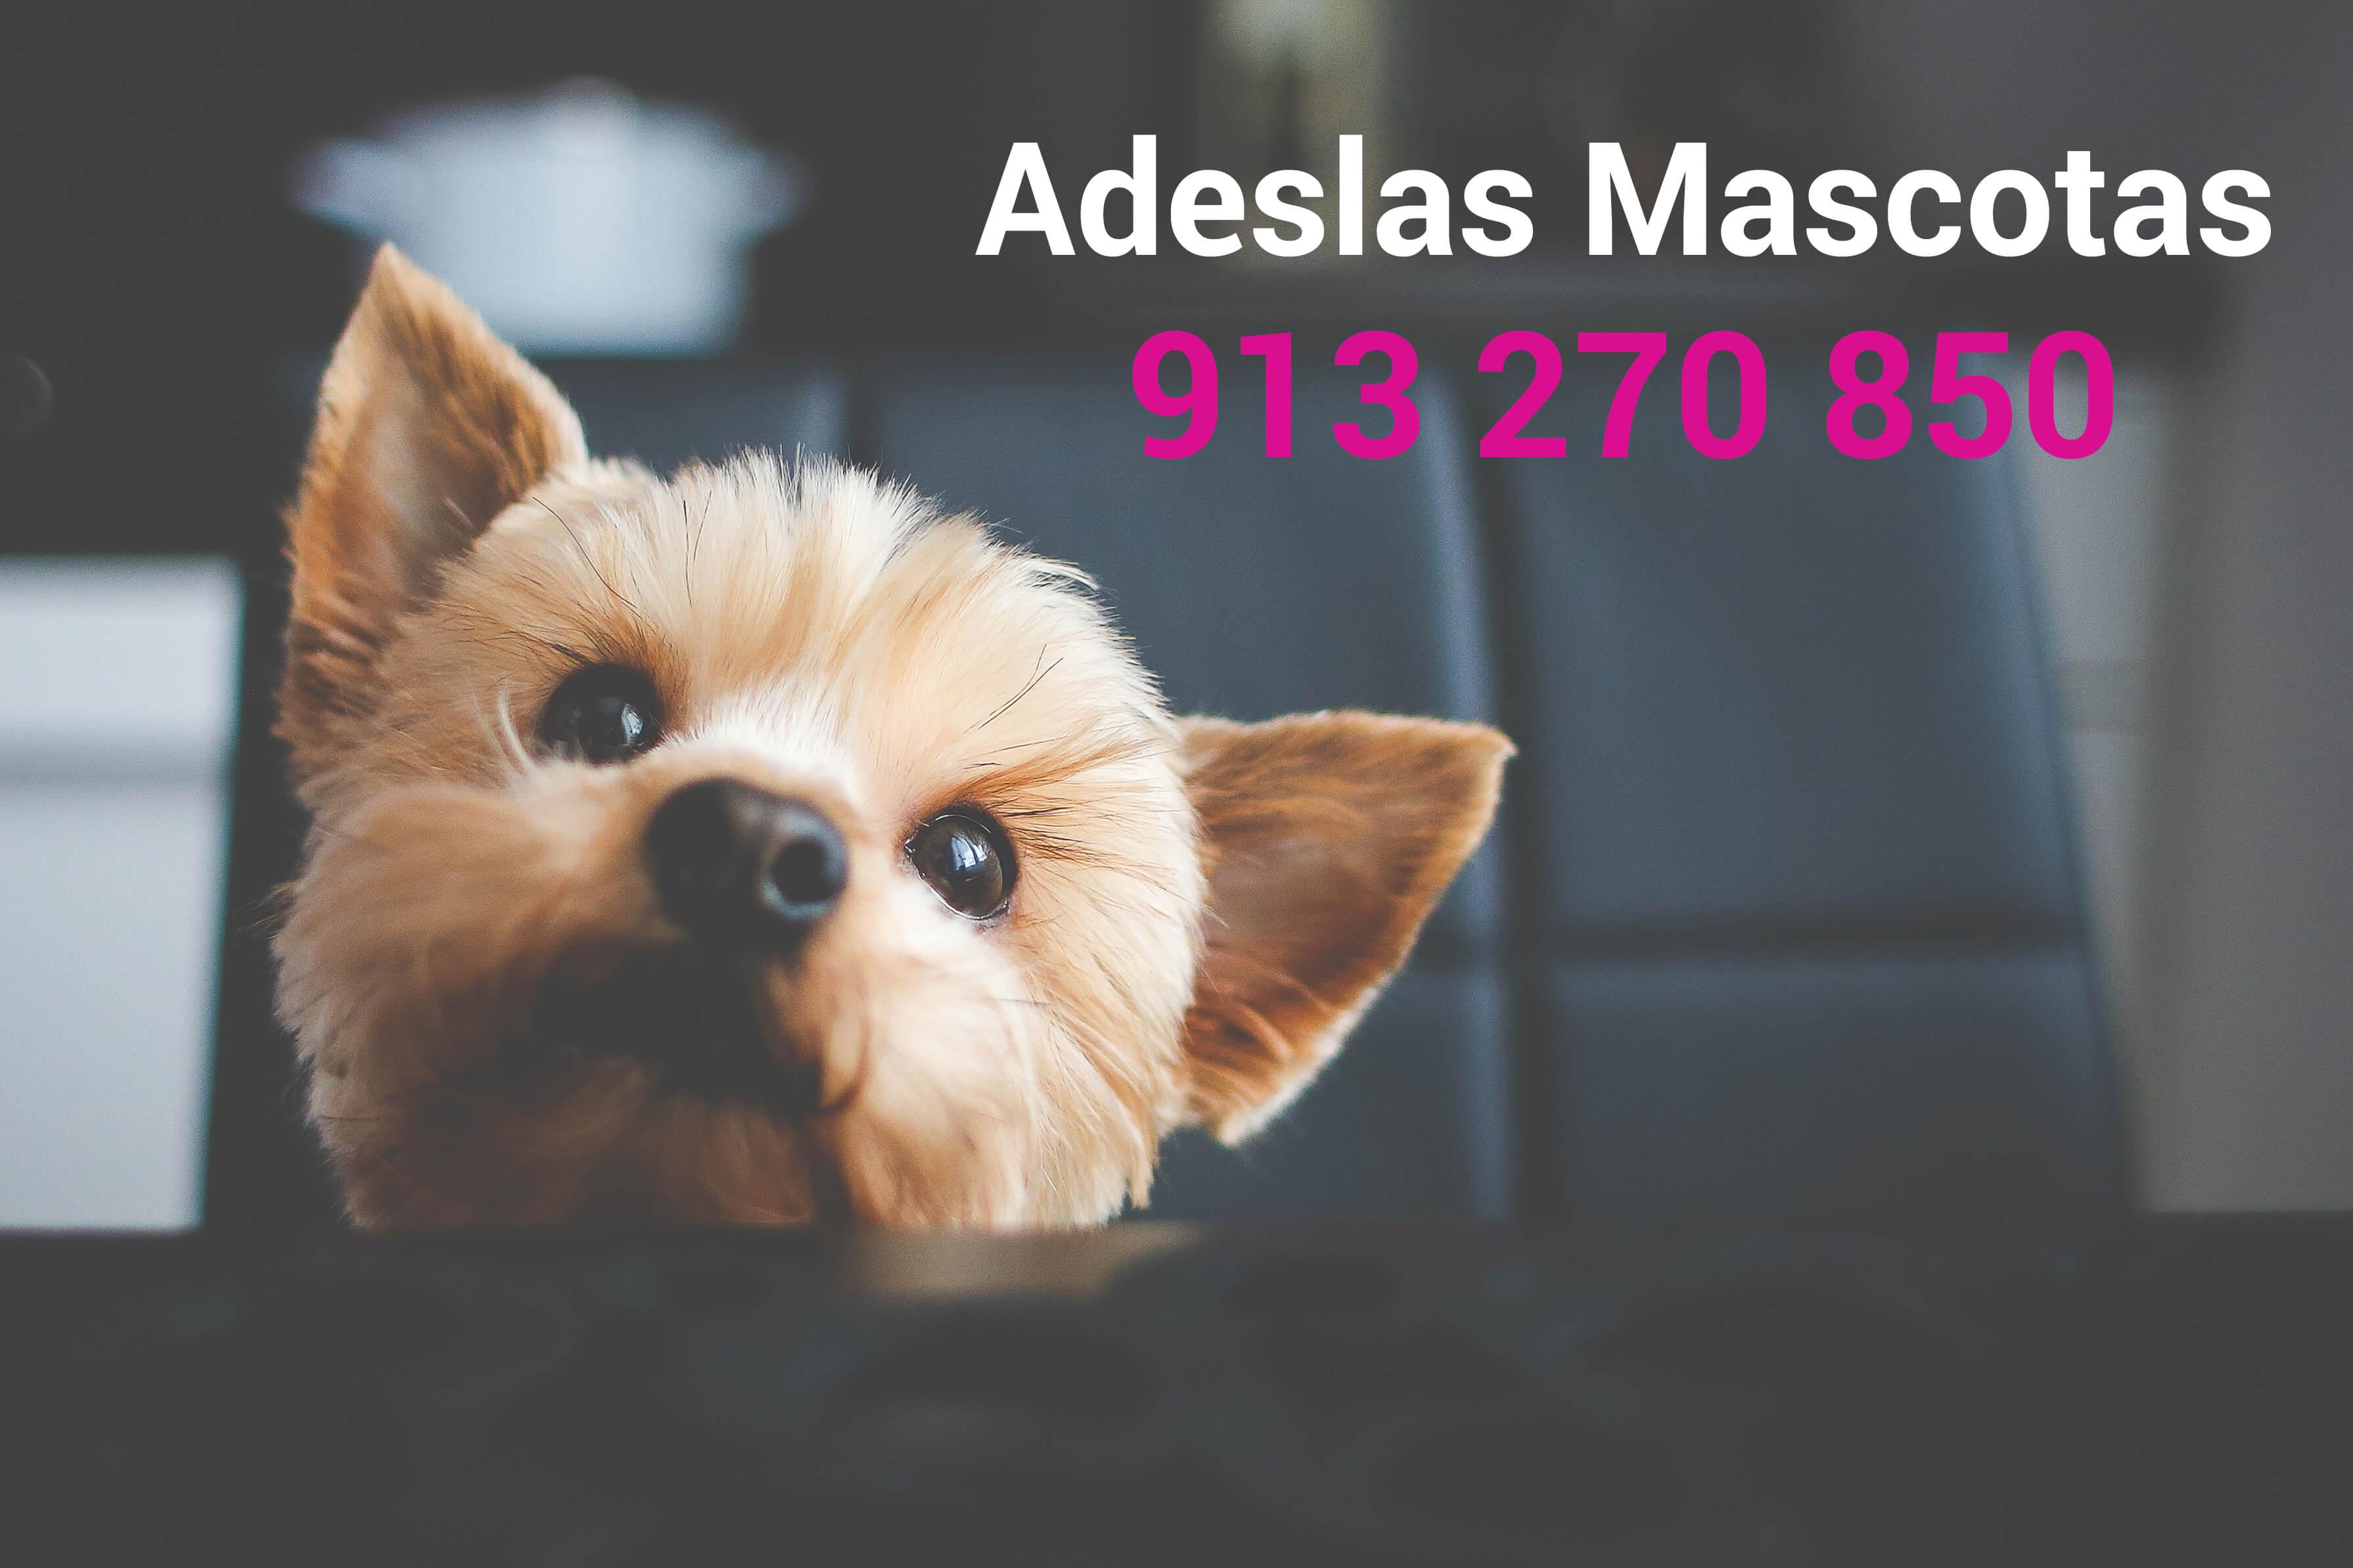 Adeslas Mascotas Seguros Adeslas 913 270 850